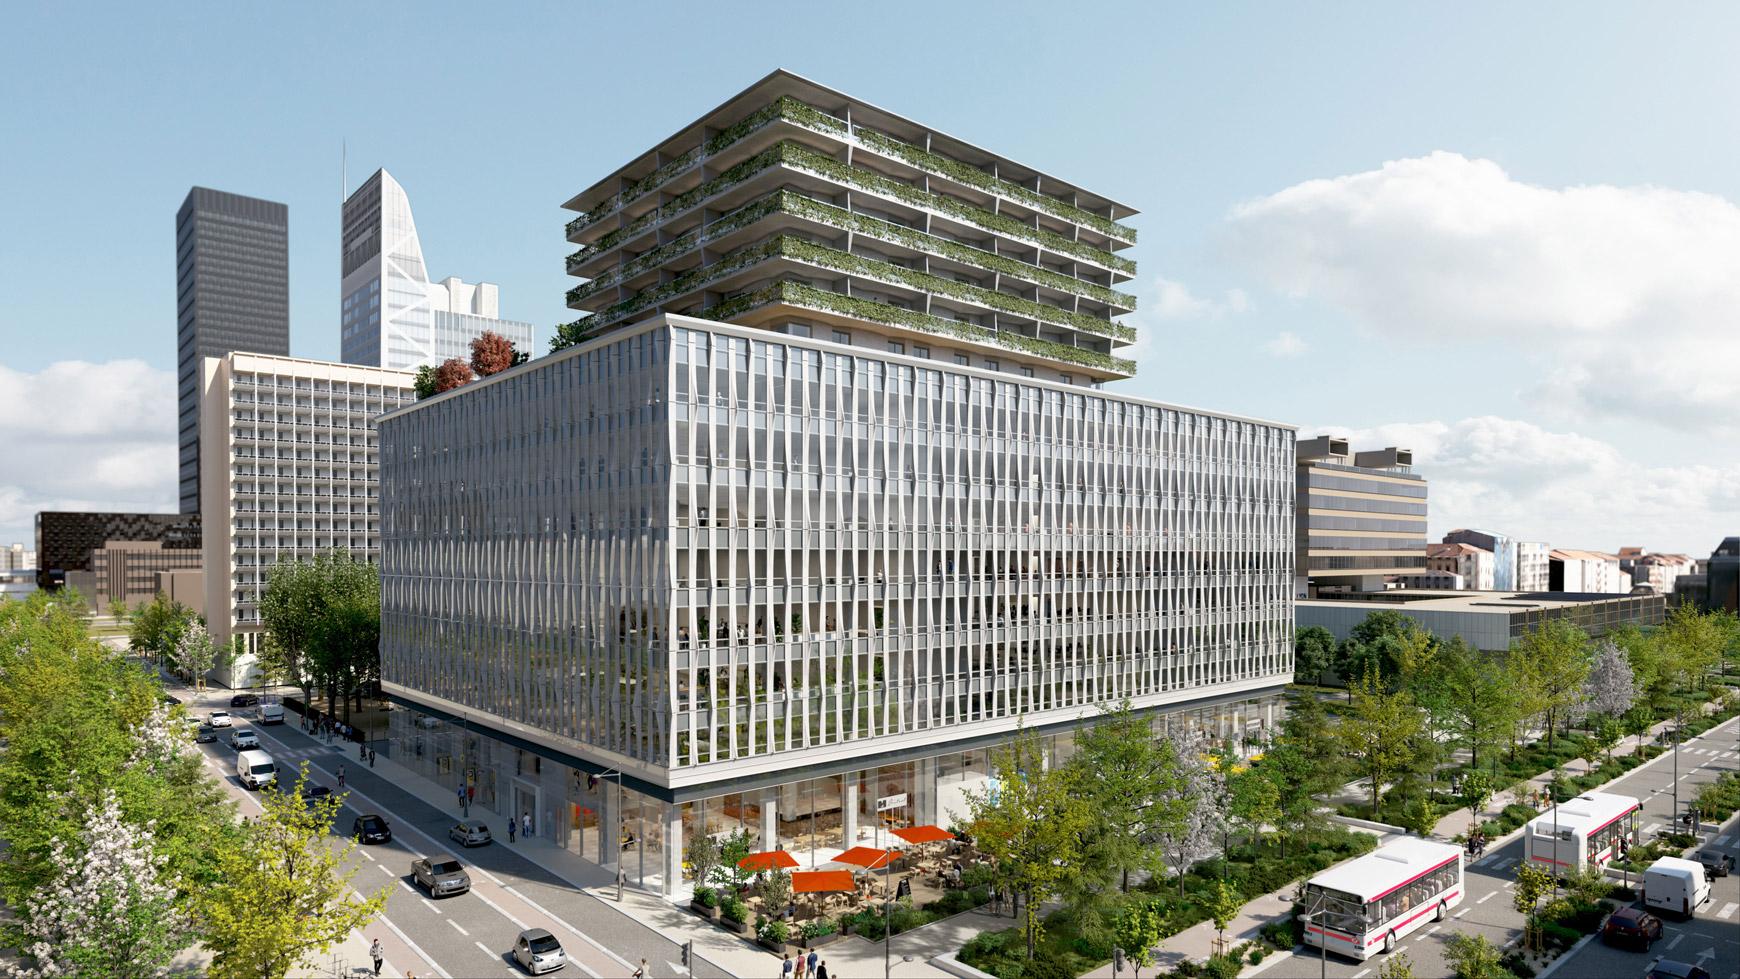 Bâtiment de bureaux, de logements et de commerces à Lyon Part-Dieu, certifié BREEAM EXCELLENT + NF HABITAT HQE + HQE BATIMENT, réalisé par le pôle Tertiaire de l'agence d'architecture SOHO ATLAS IN FINE LYON. Perspective, vue surélevée.